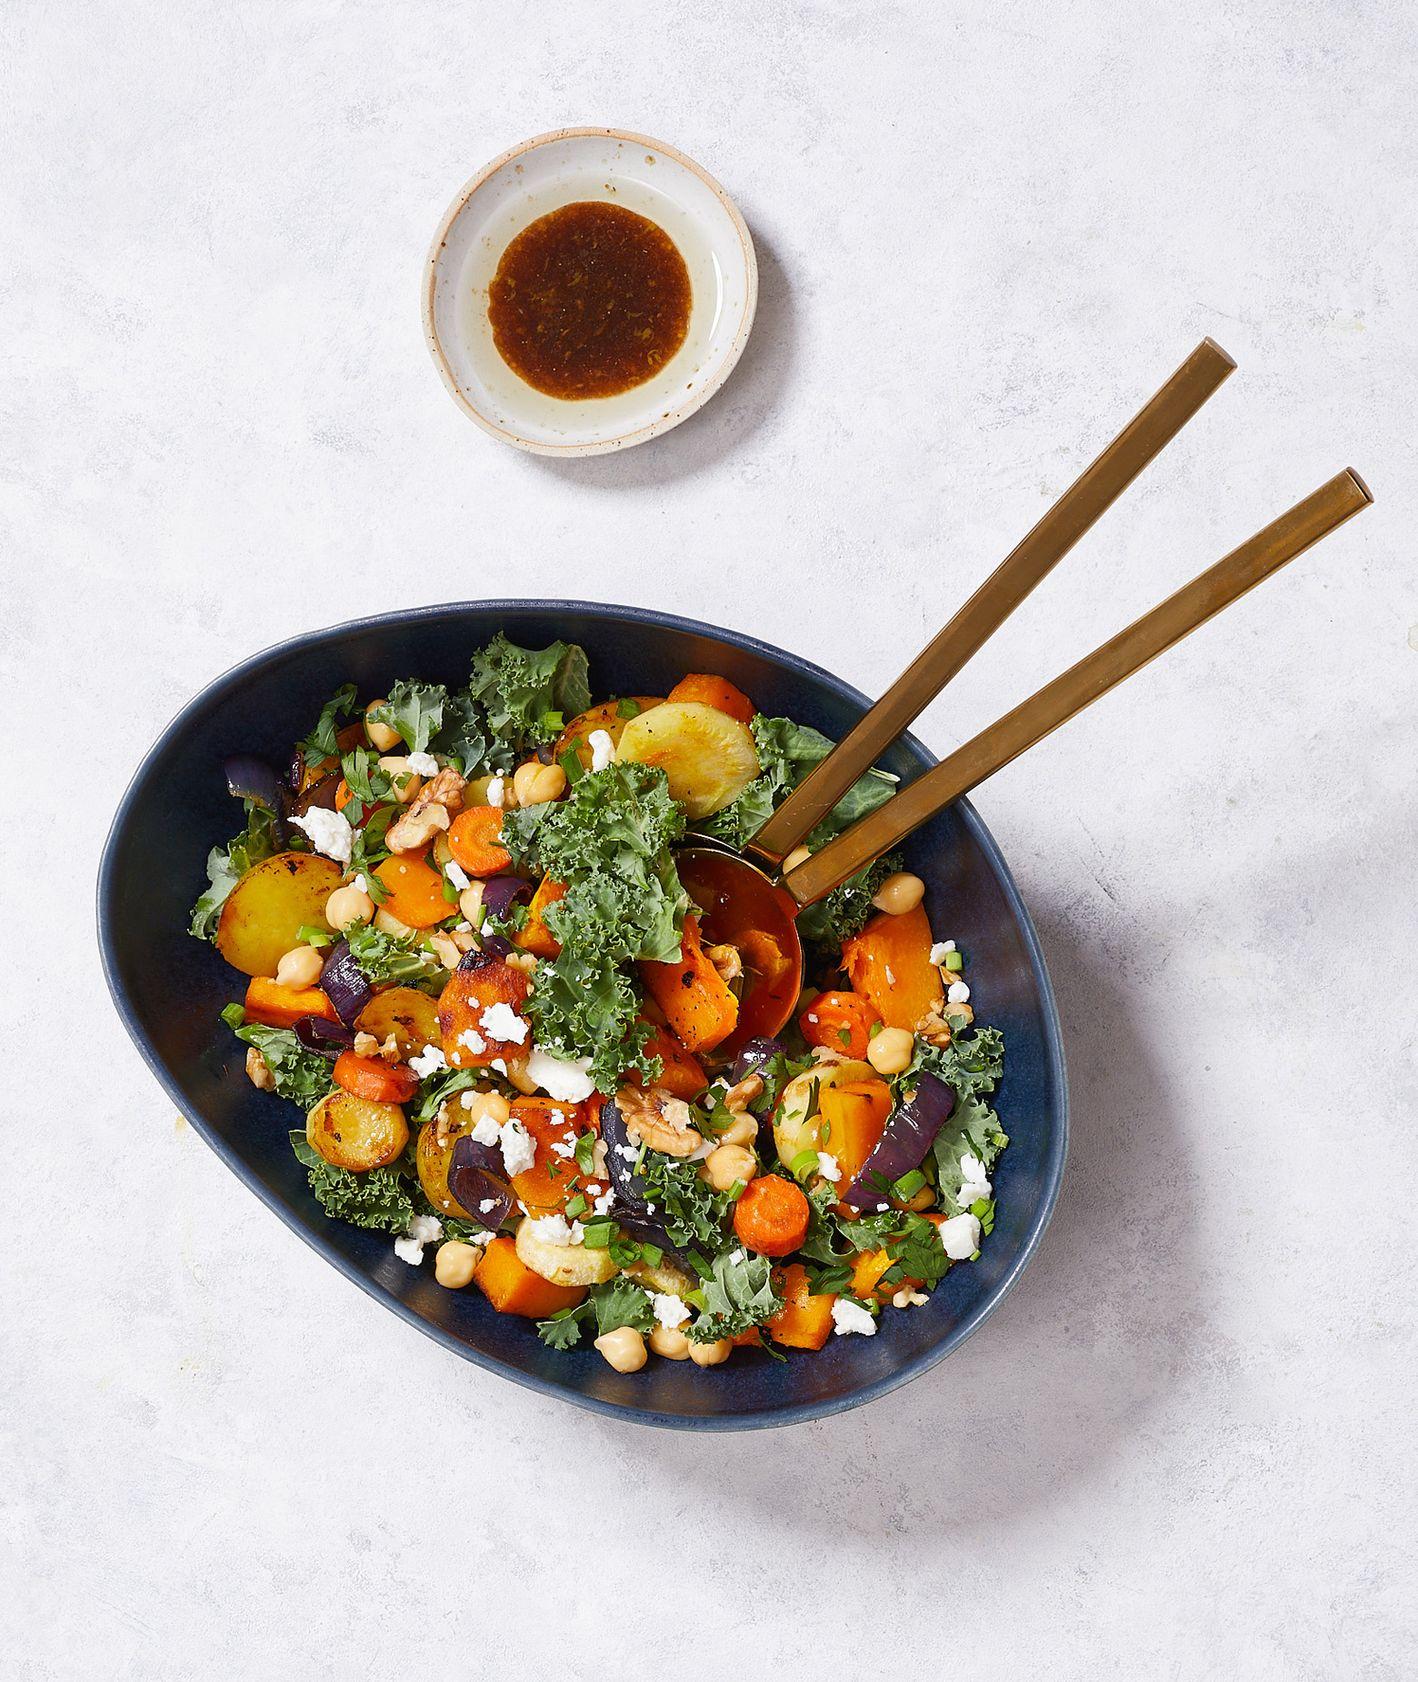 Zimowe sałaty. Sałatka z pieczonych warzyw z fetą (fot. Maciek Niemojewski)